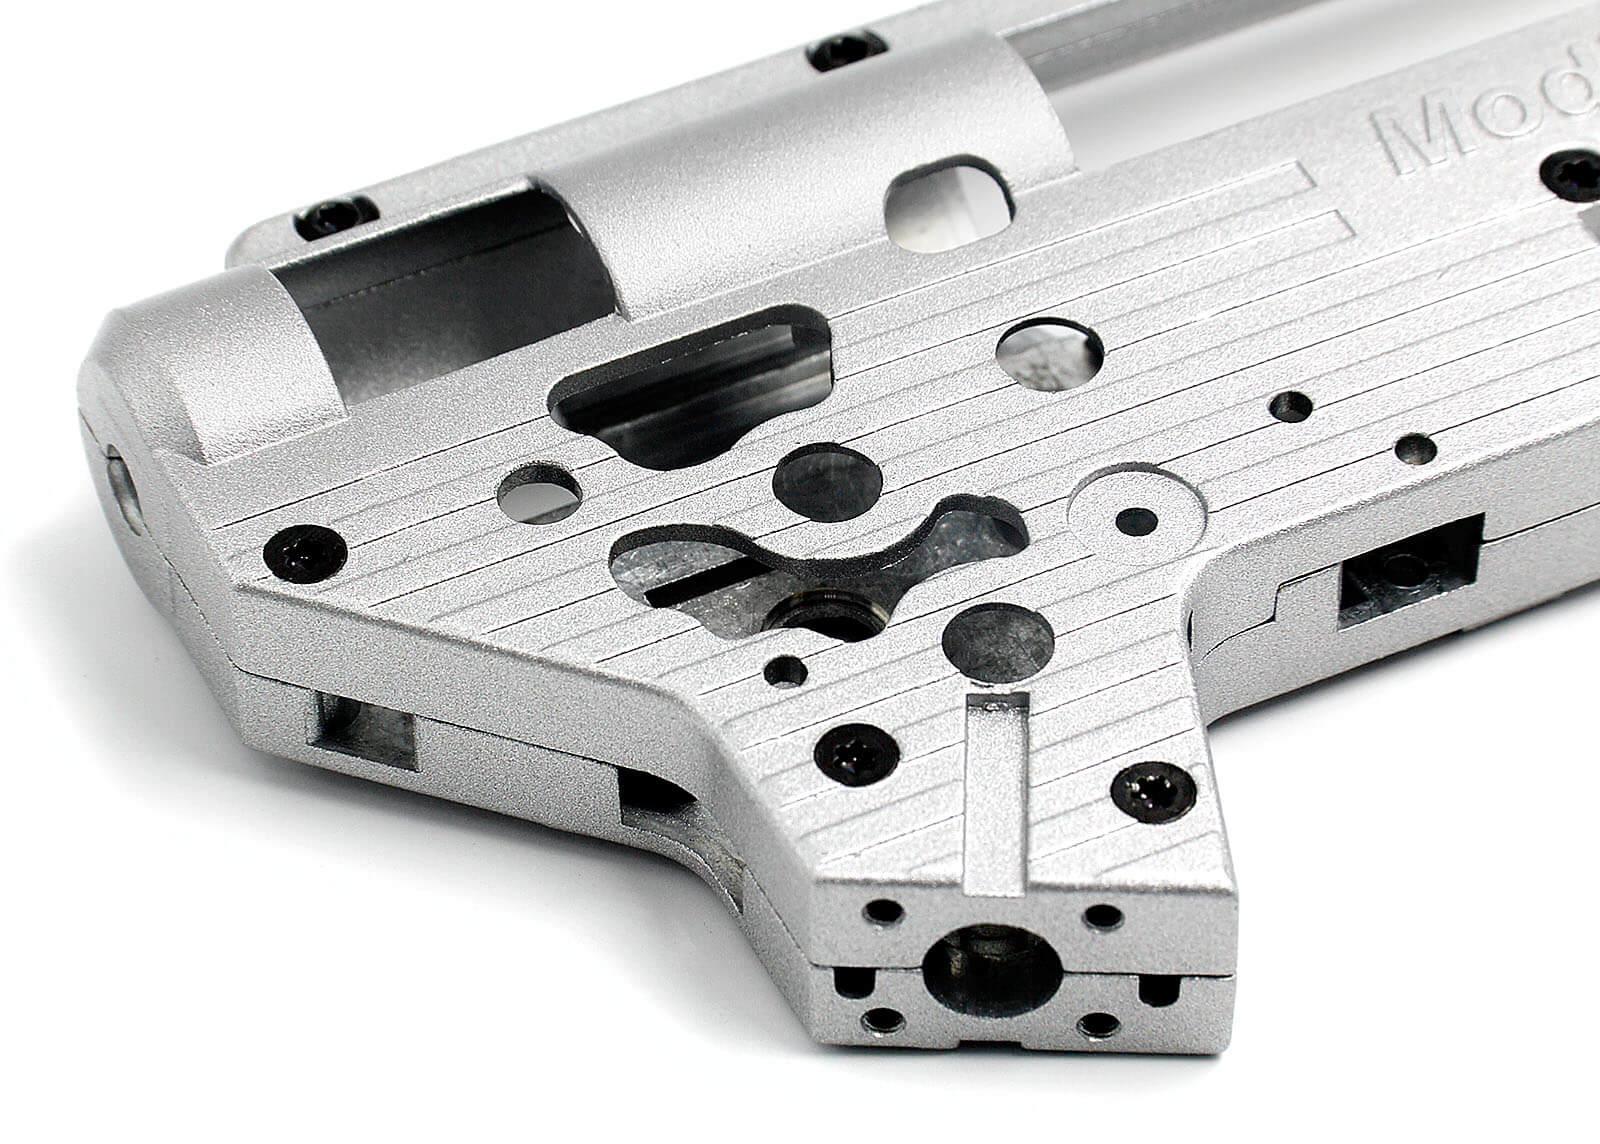 Gearbox Modify Reforçada V2 com Tappet Plate - Rolamento 8 mm  - MAB AIRSOFT